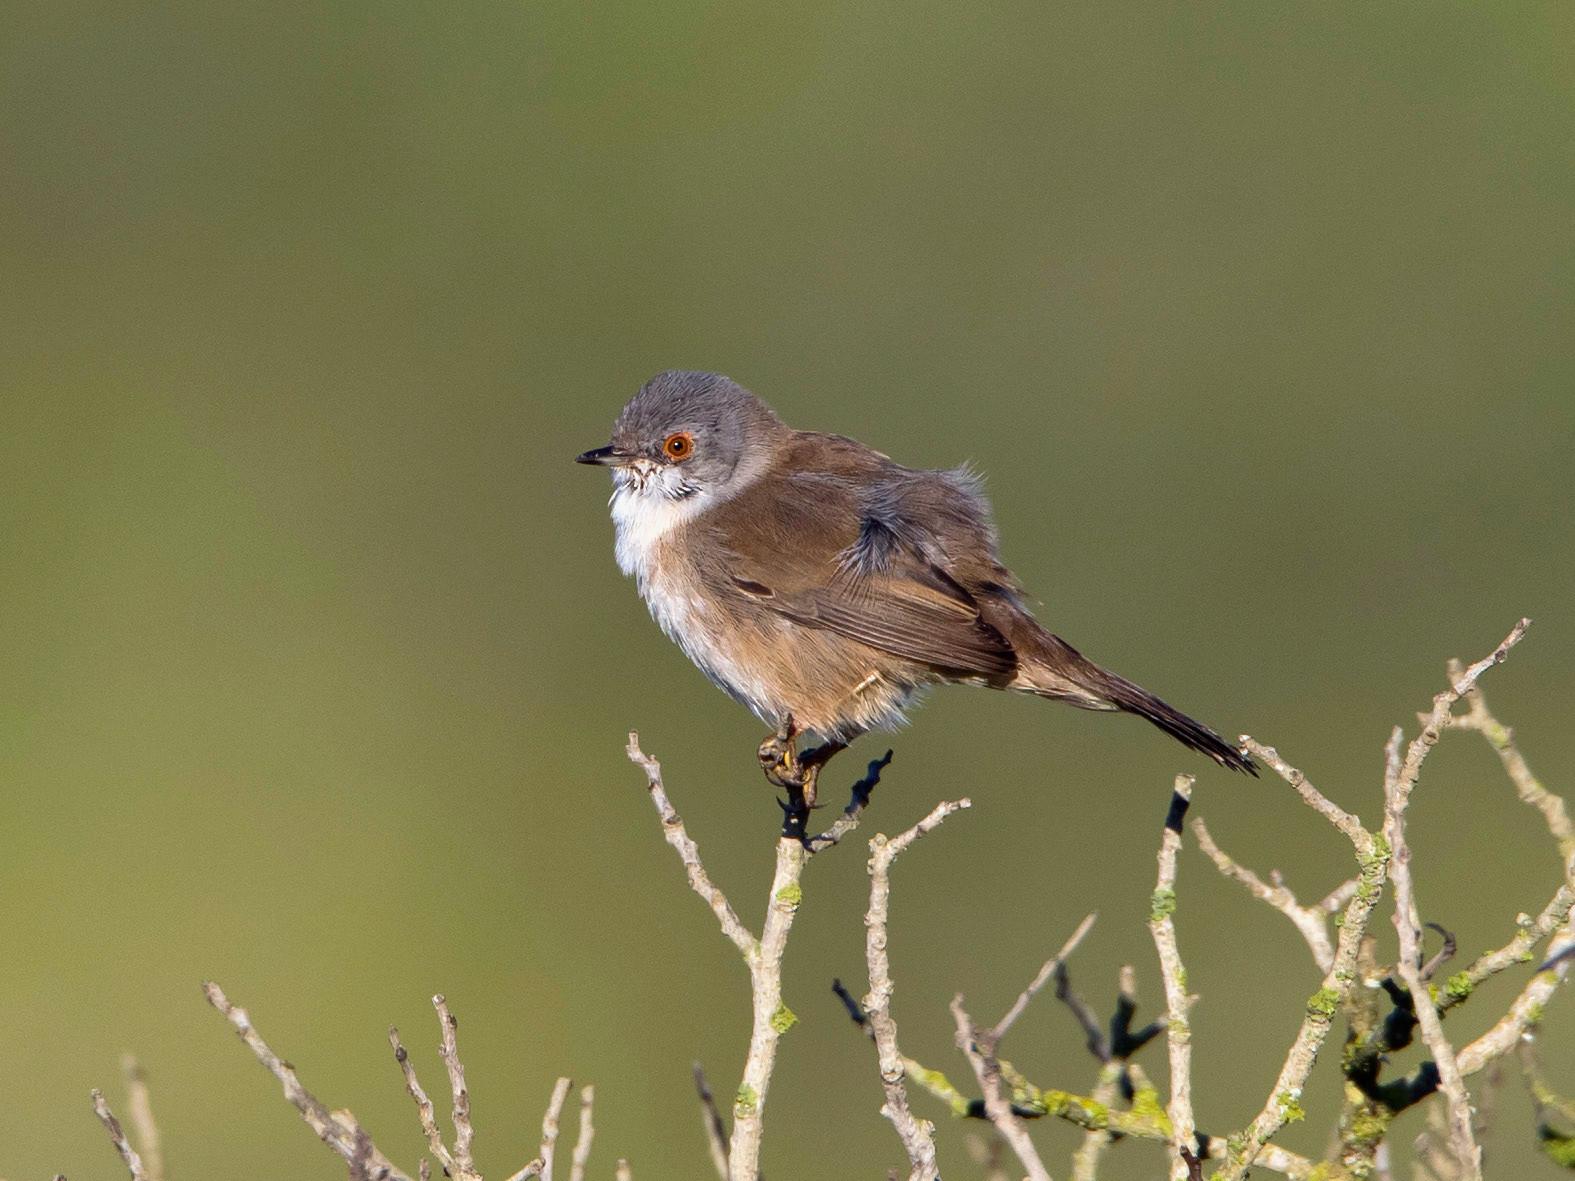 Samtkopf-Grasmücke (Weibchen)